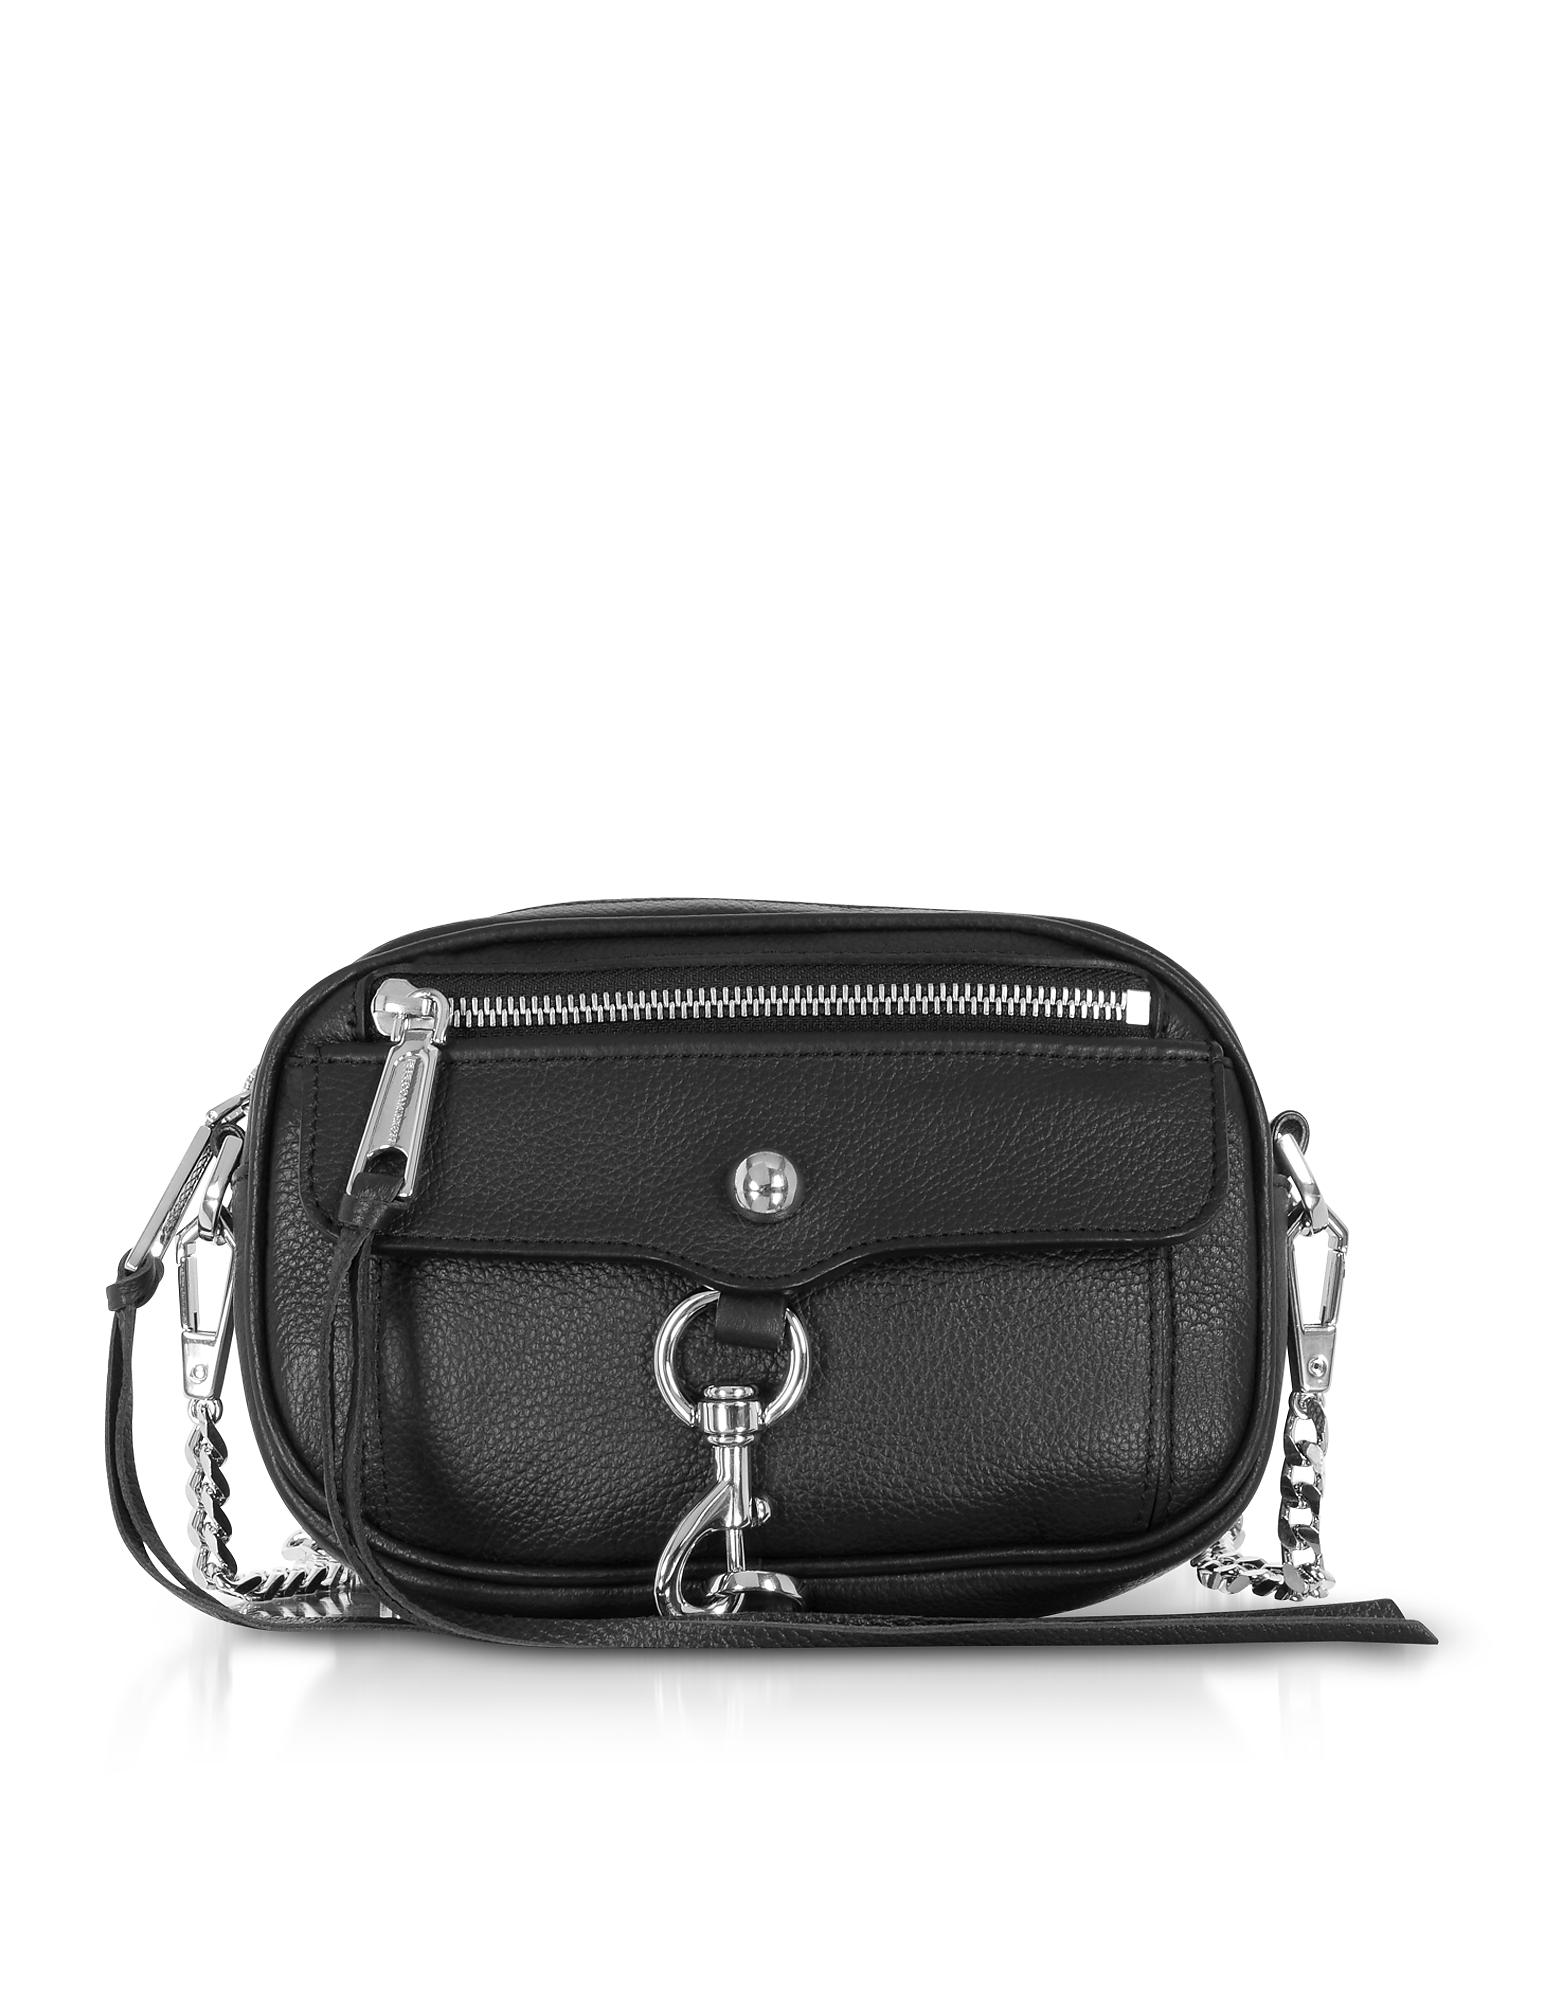 Image of Rebecca Minkoff Designer Handbags, Black Pebbled Leather Blythe Xbody Bag